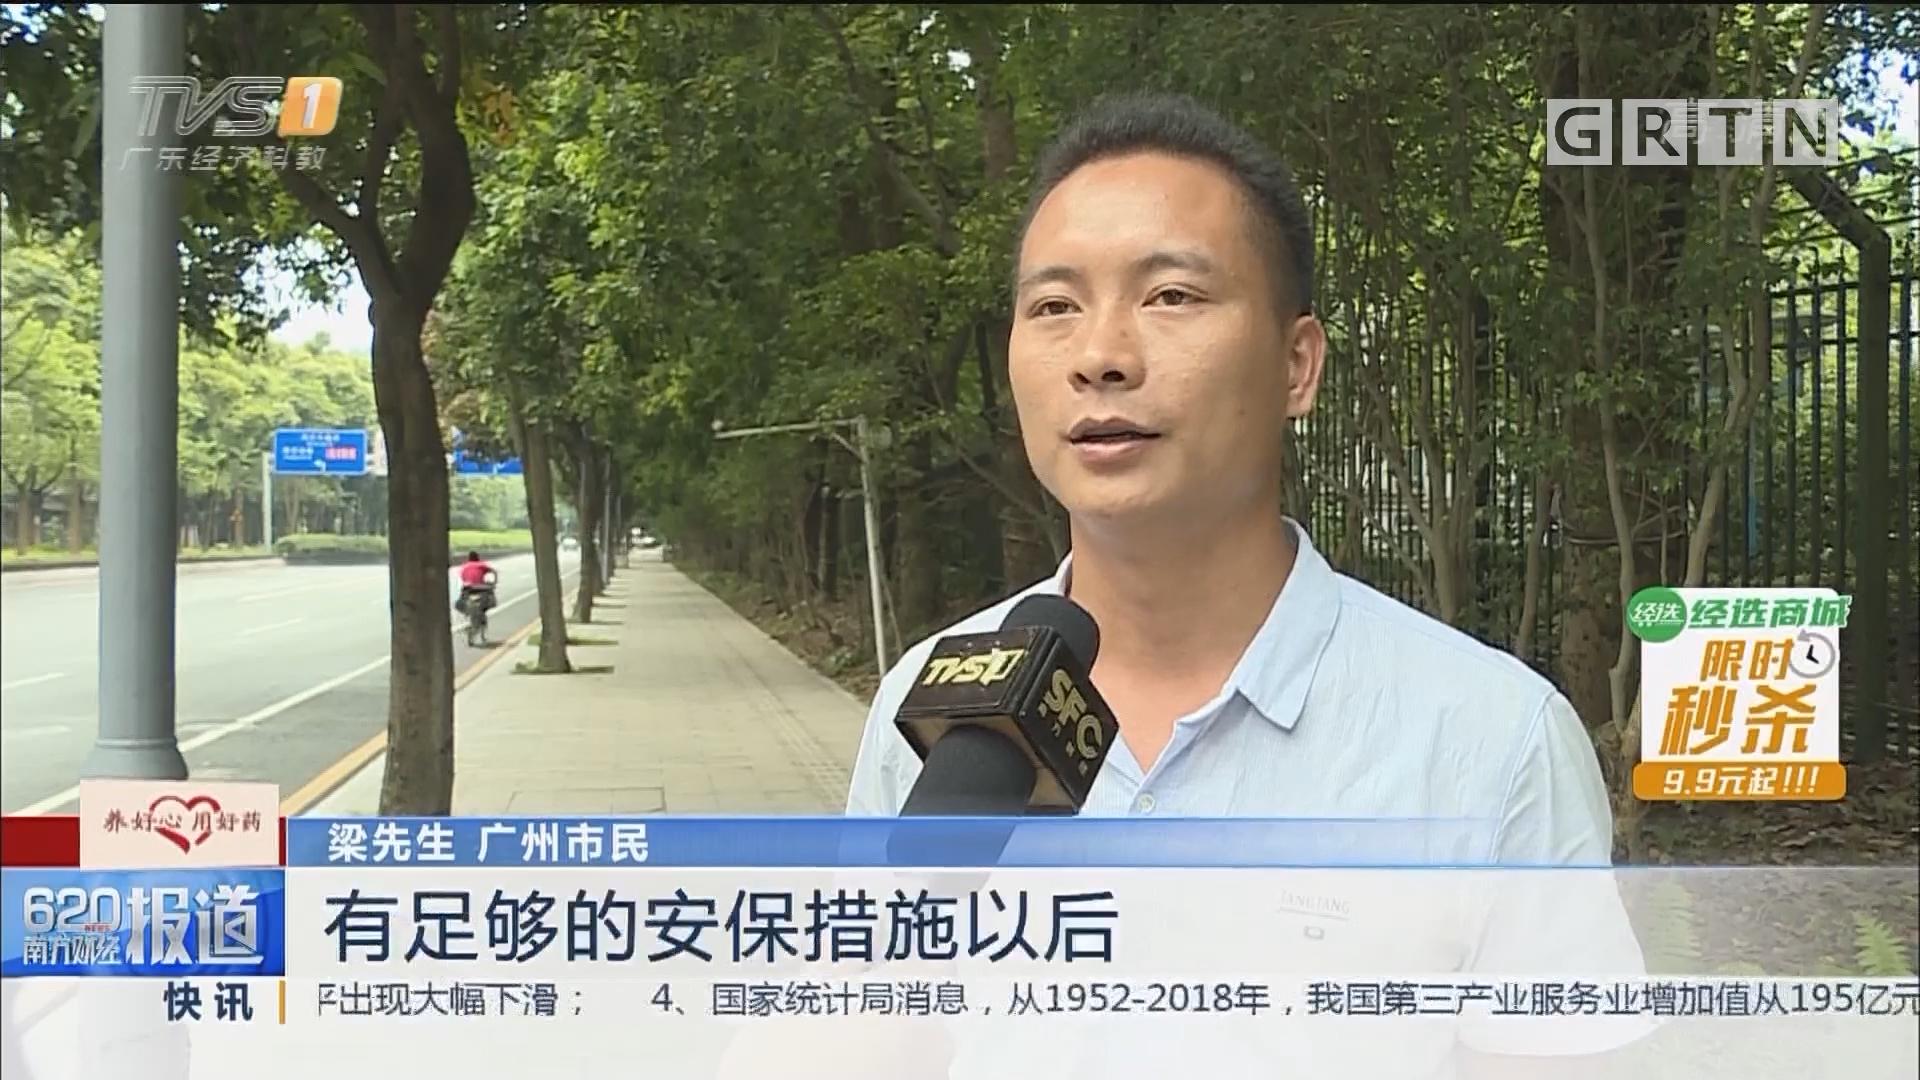 广州:医院每20张病床配1名保安员